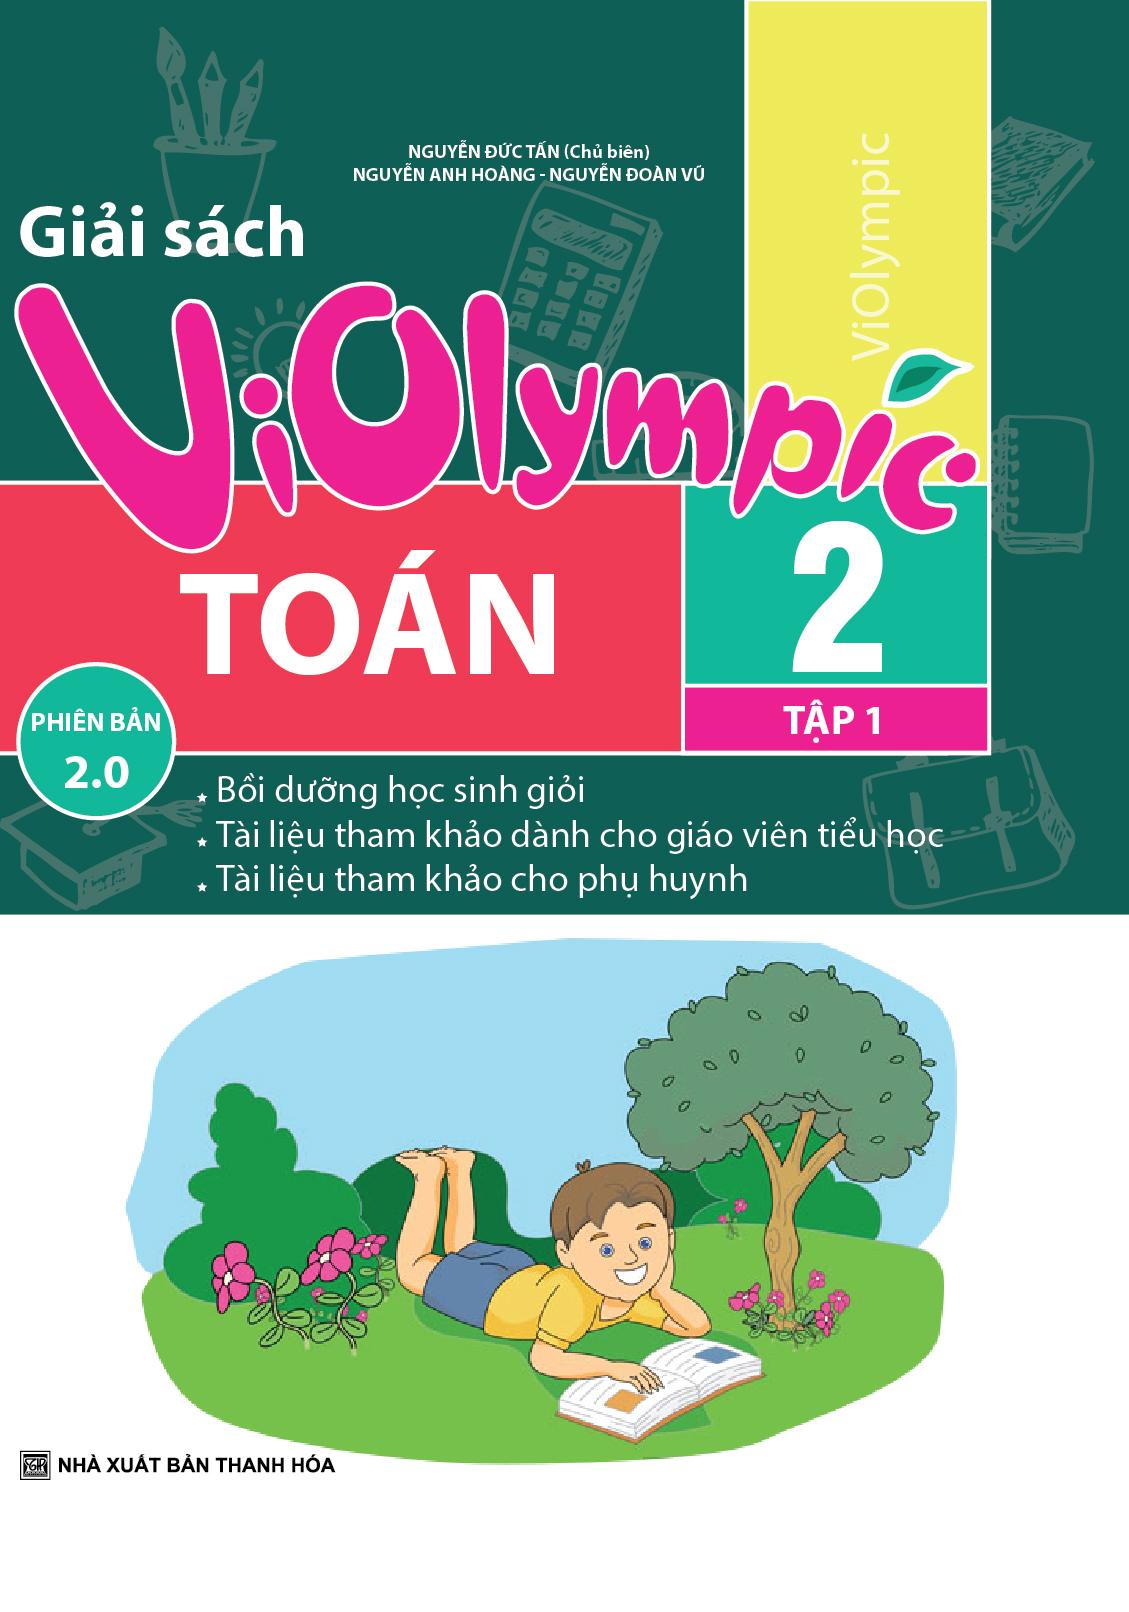 Giải Sách Violympic Toán 2 Tập 1 Phiên Bản 2.0 - EBOOK/PDF/PRC/EPUB